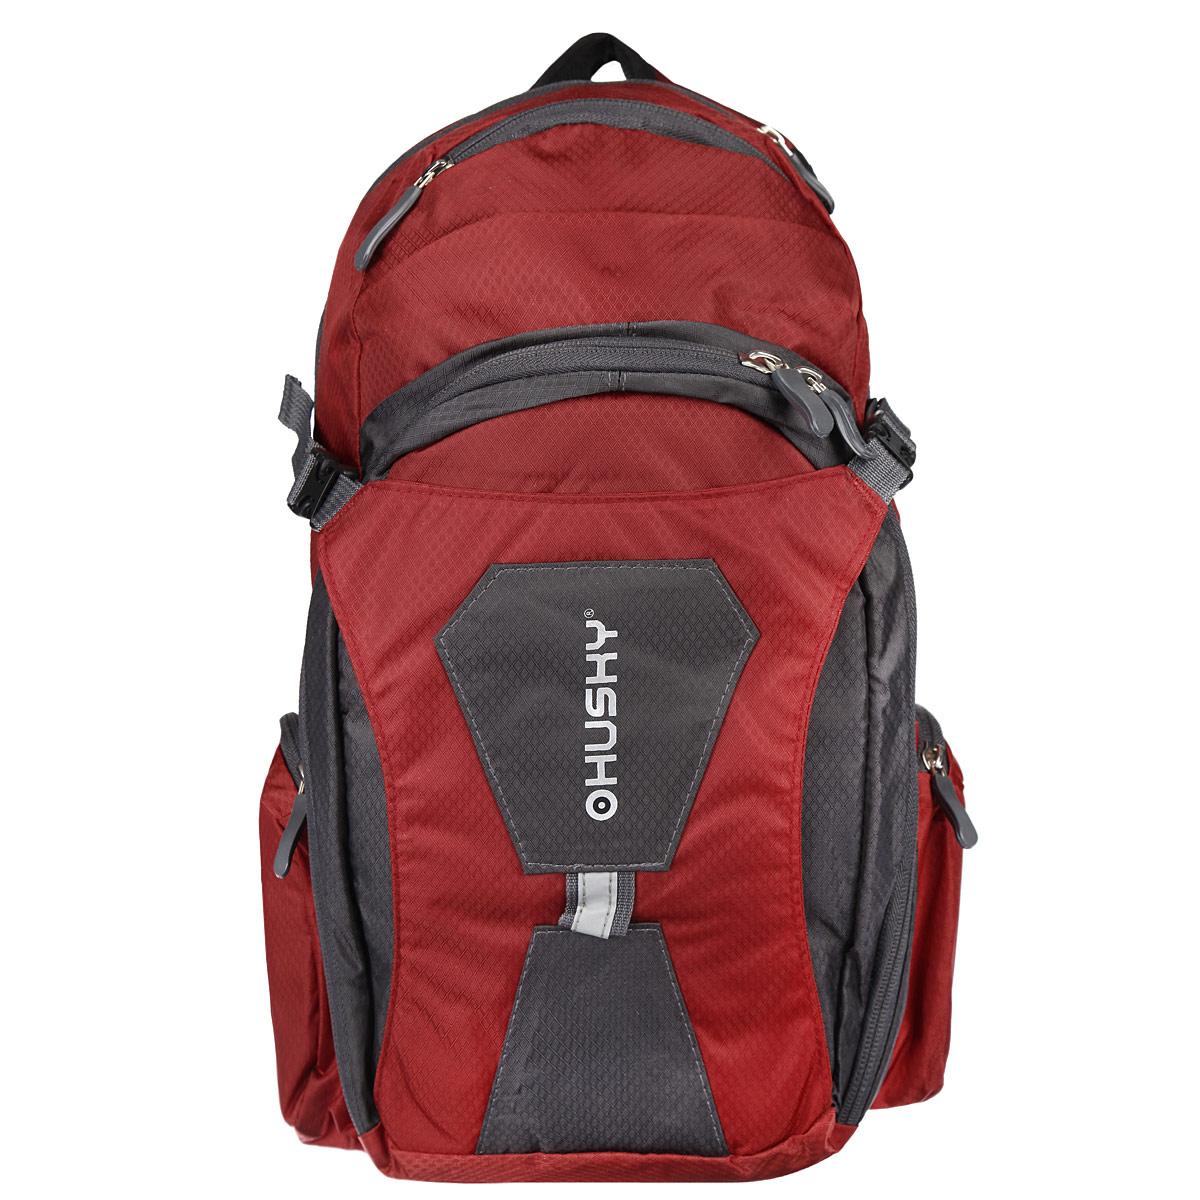 Рюкзак городской Husky Sharp 13L, цвет: красный, серыйУТ-000052372Рюкзак Husky Sharp 13L предназначен для прогулок и велоспорта. Он позволит вам взять с собой все необходимое. Рюкзак выполнен из прочного нейлона. Особенности рюкзака Husky Sharp 13L:водонепроницаемая ткань одно вместительное отделение карман для каски система вентиляция спины внутренний органайзер накидка от дождя боковые карманы светоотражающие элементы.